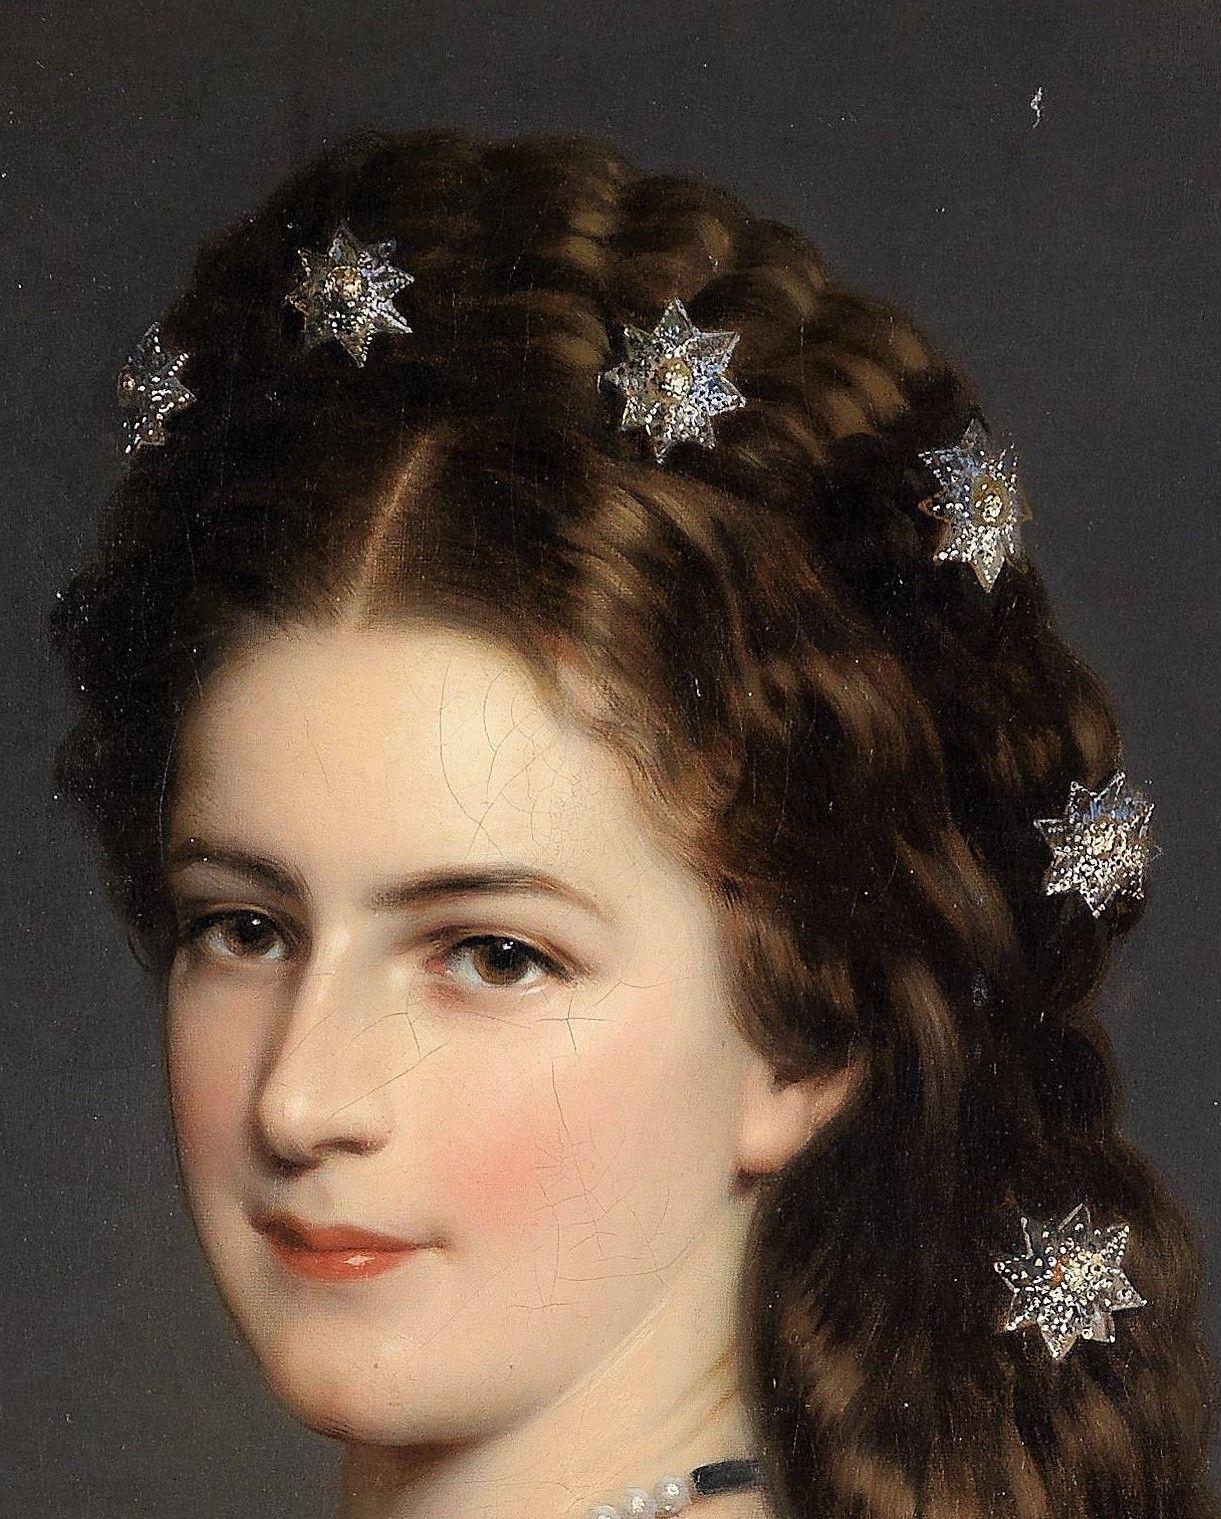 Empress Elisabeth Of Austria By Franz Xavier Winterhalter Kaiserin Sisi Elisabeth Romy Schneider